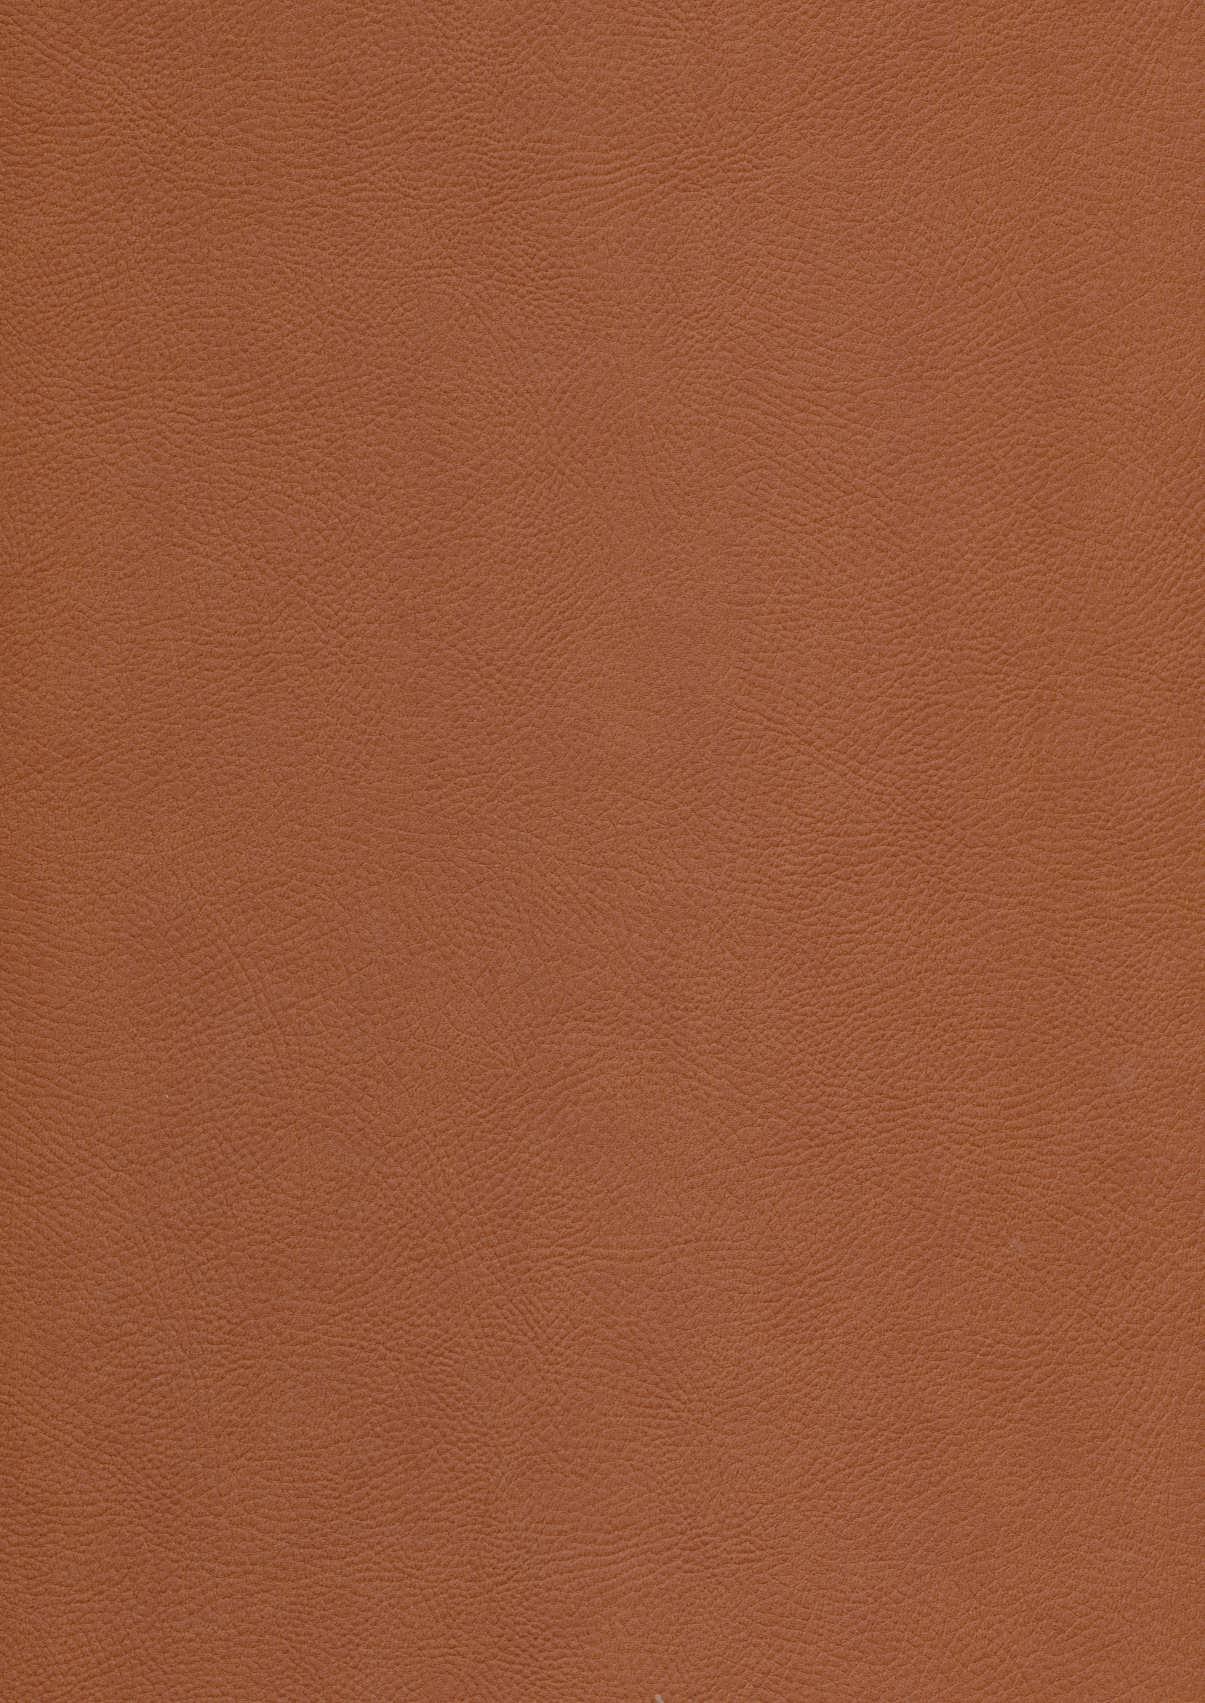 ساغر و ساقی (5رنگ،2زبانه،گلاسه،باجعبه،ترمو،لب طلایی)